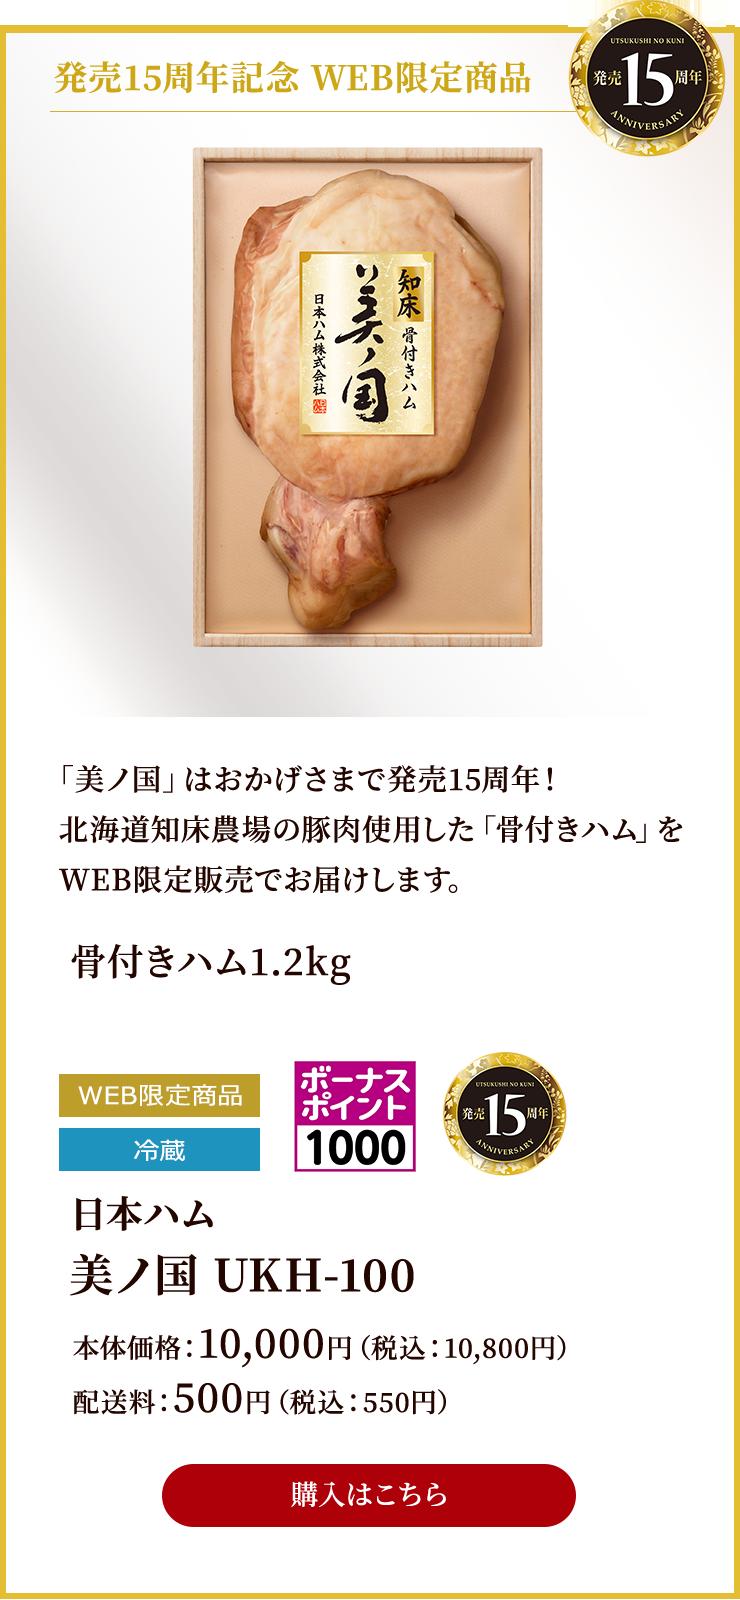 発売15周年記念 WEB限定商品 北海道知床農場の豚肉使用した「骨付きハム」限定100個 美ノ国 UKH-100